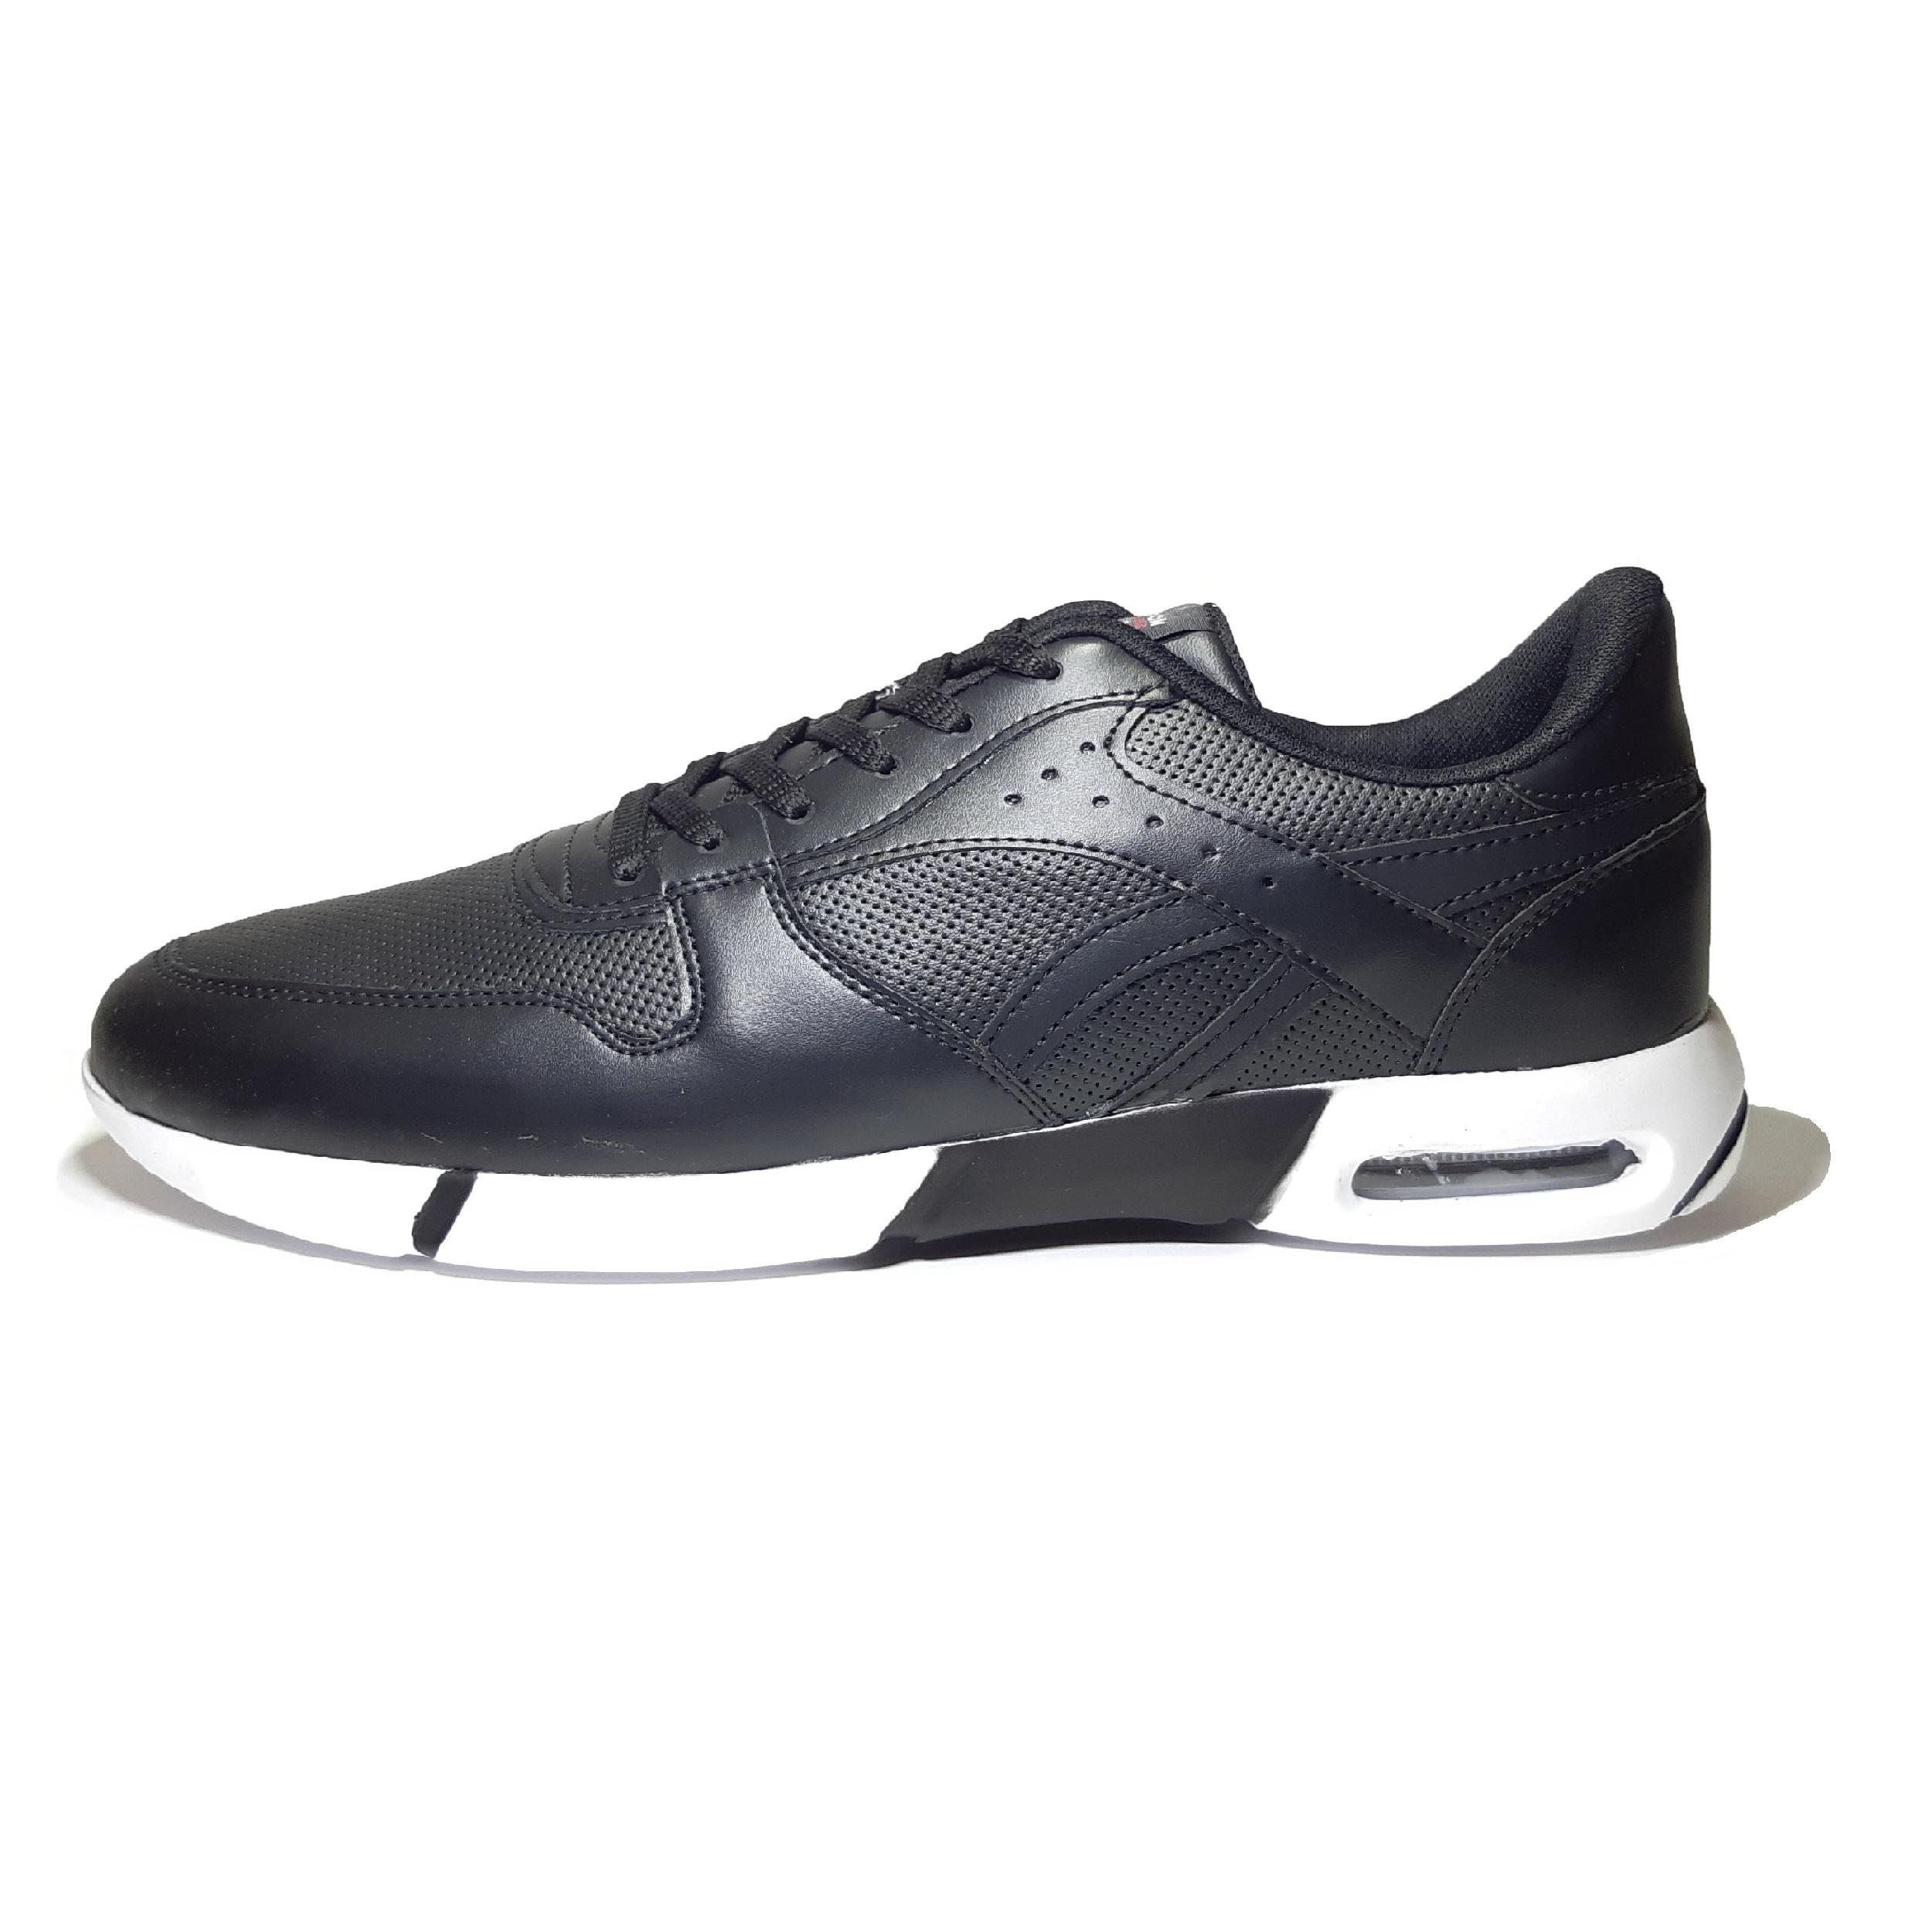 کفش مخصوص پیاده روی مردانه مدل Going up